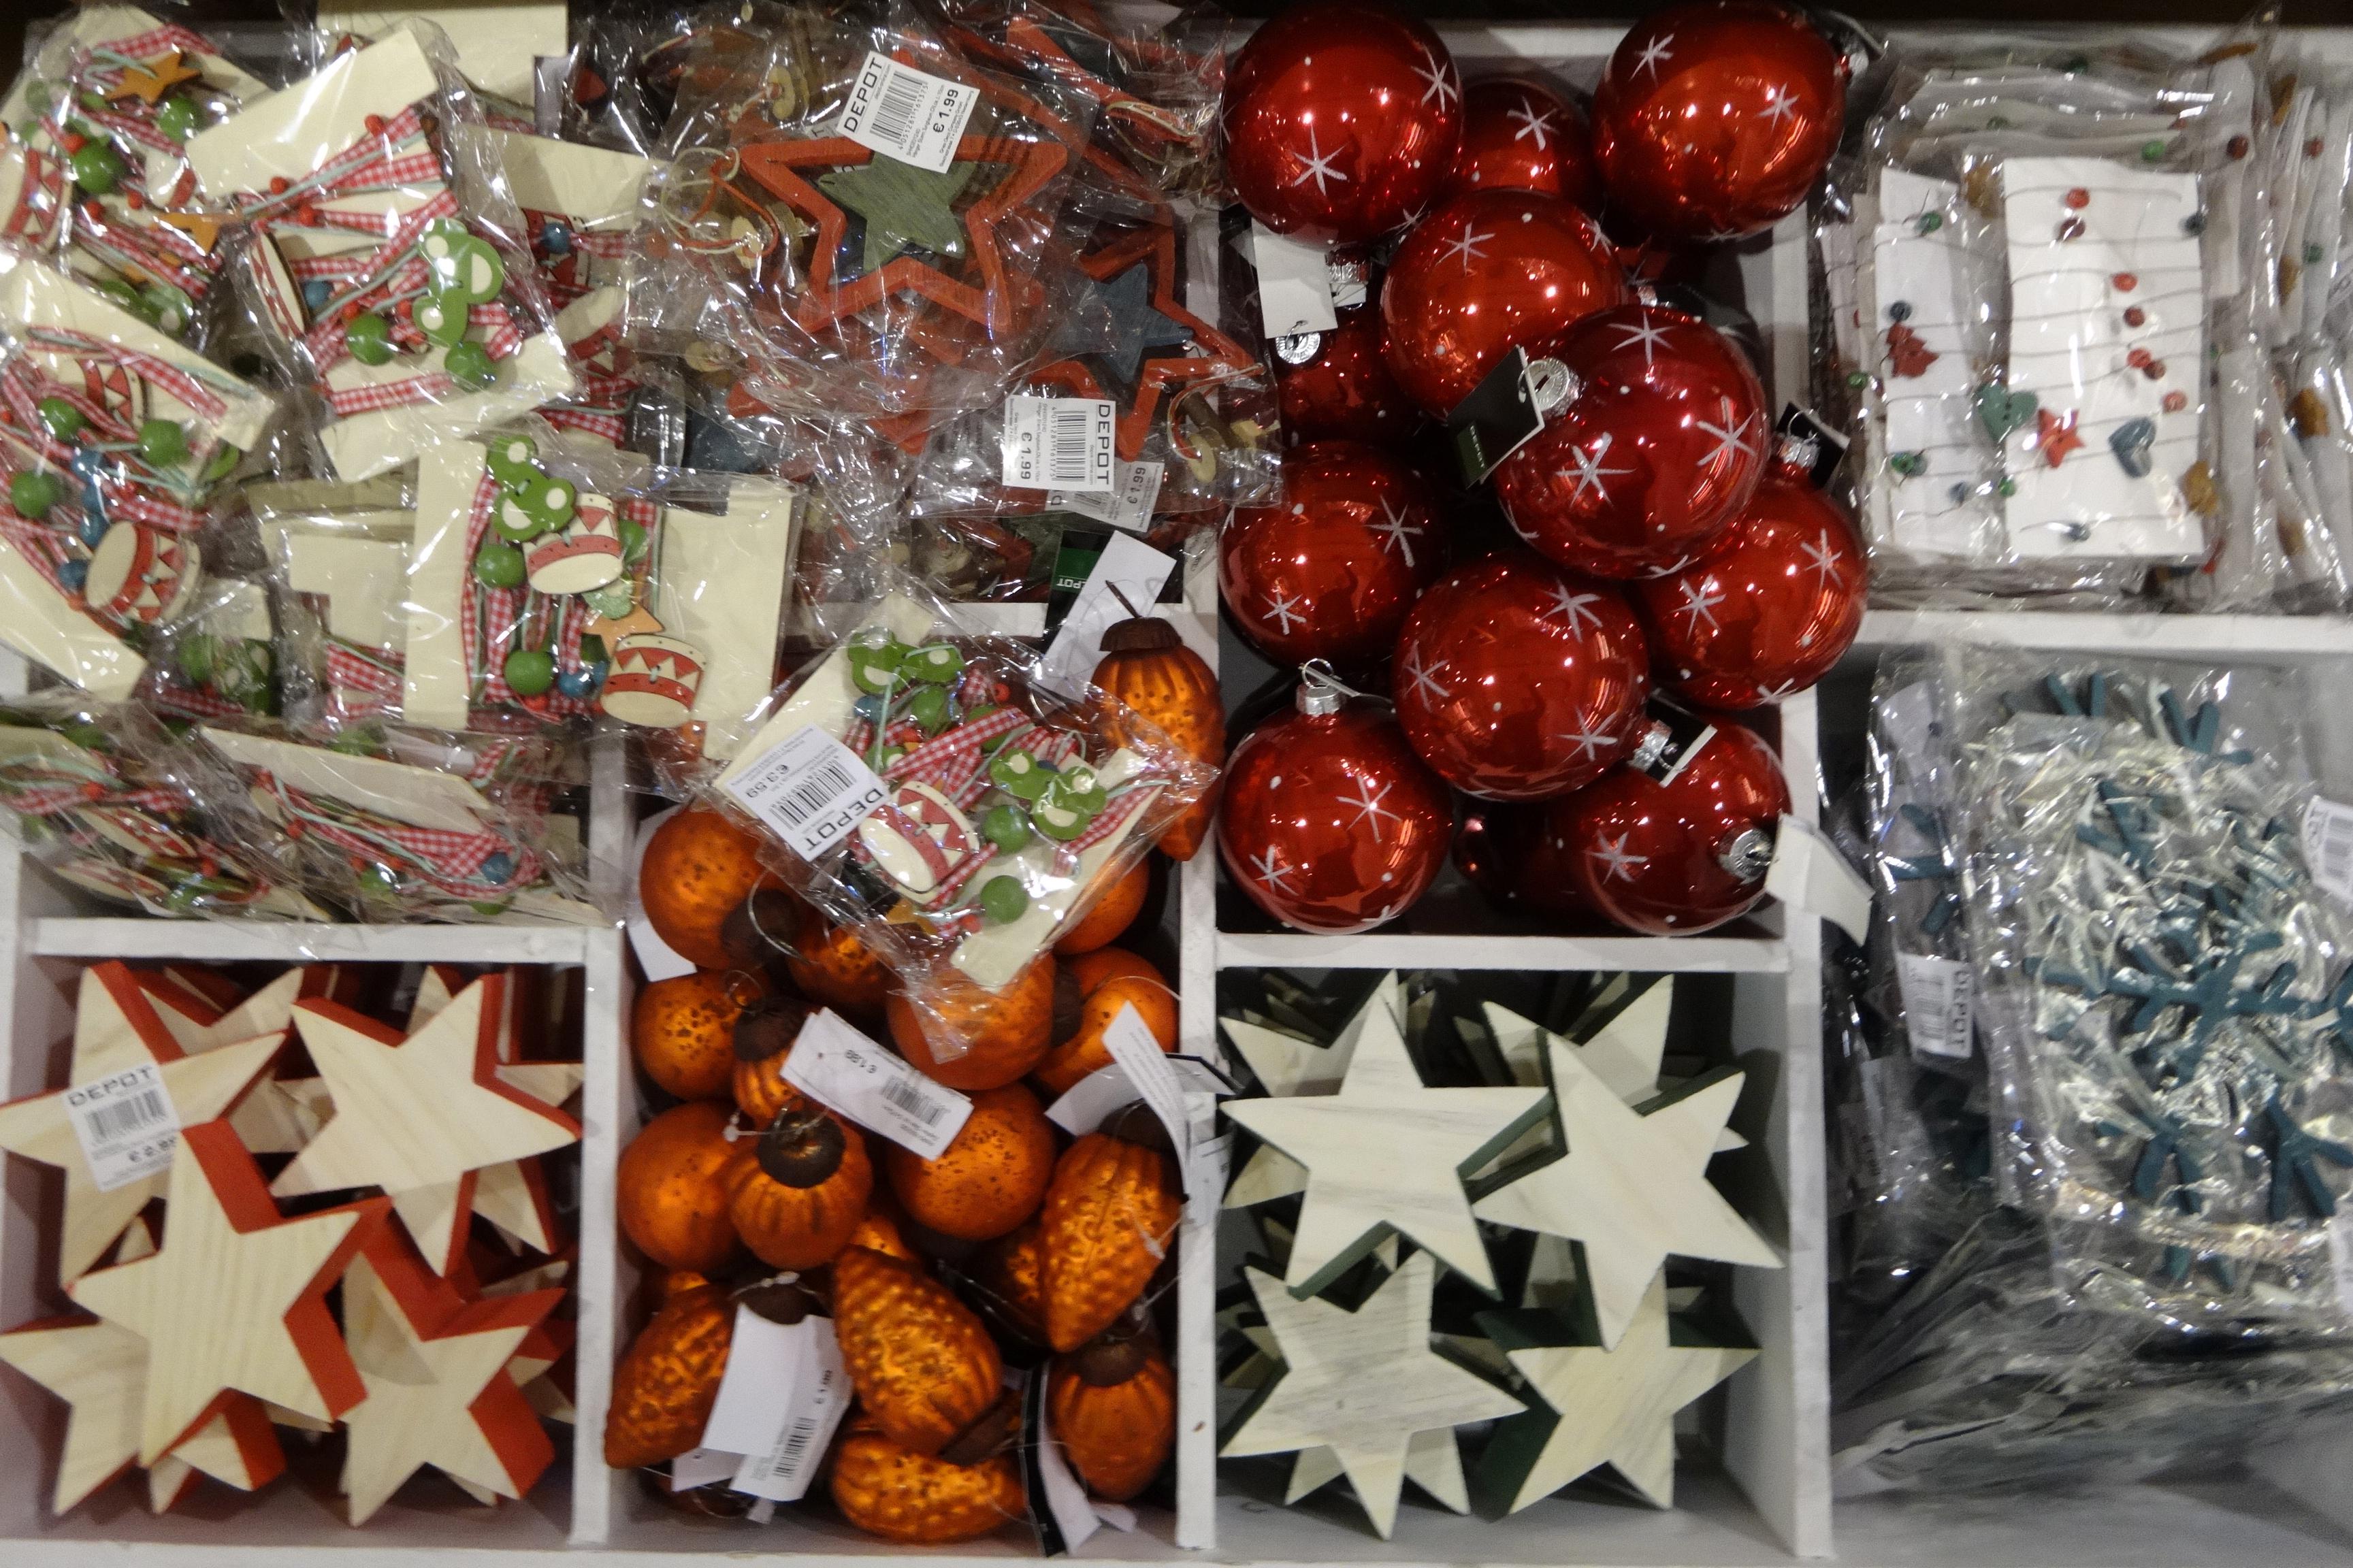 christmas ornaments from DEPOT / Weihnachtsdeko von DEPOT